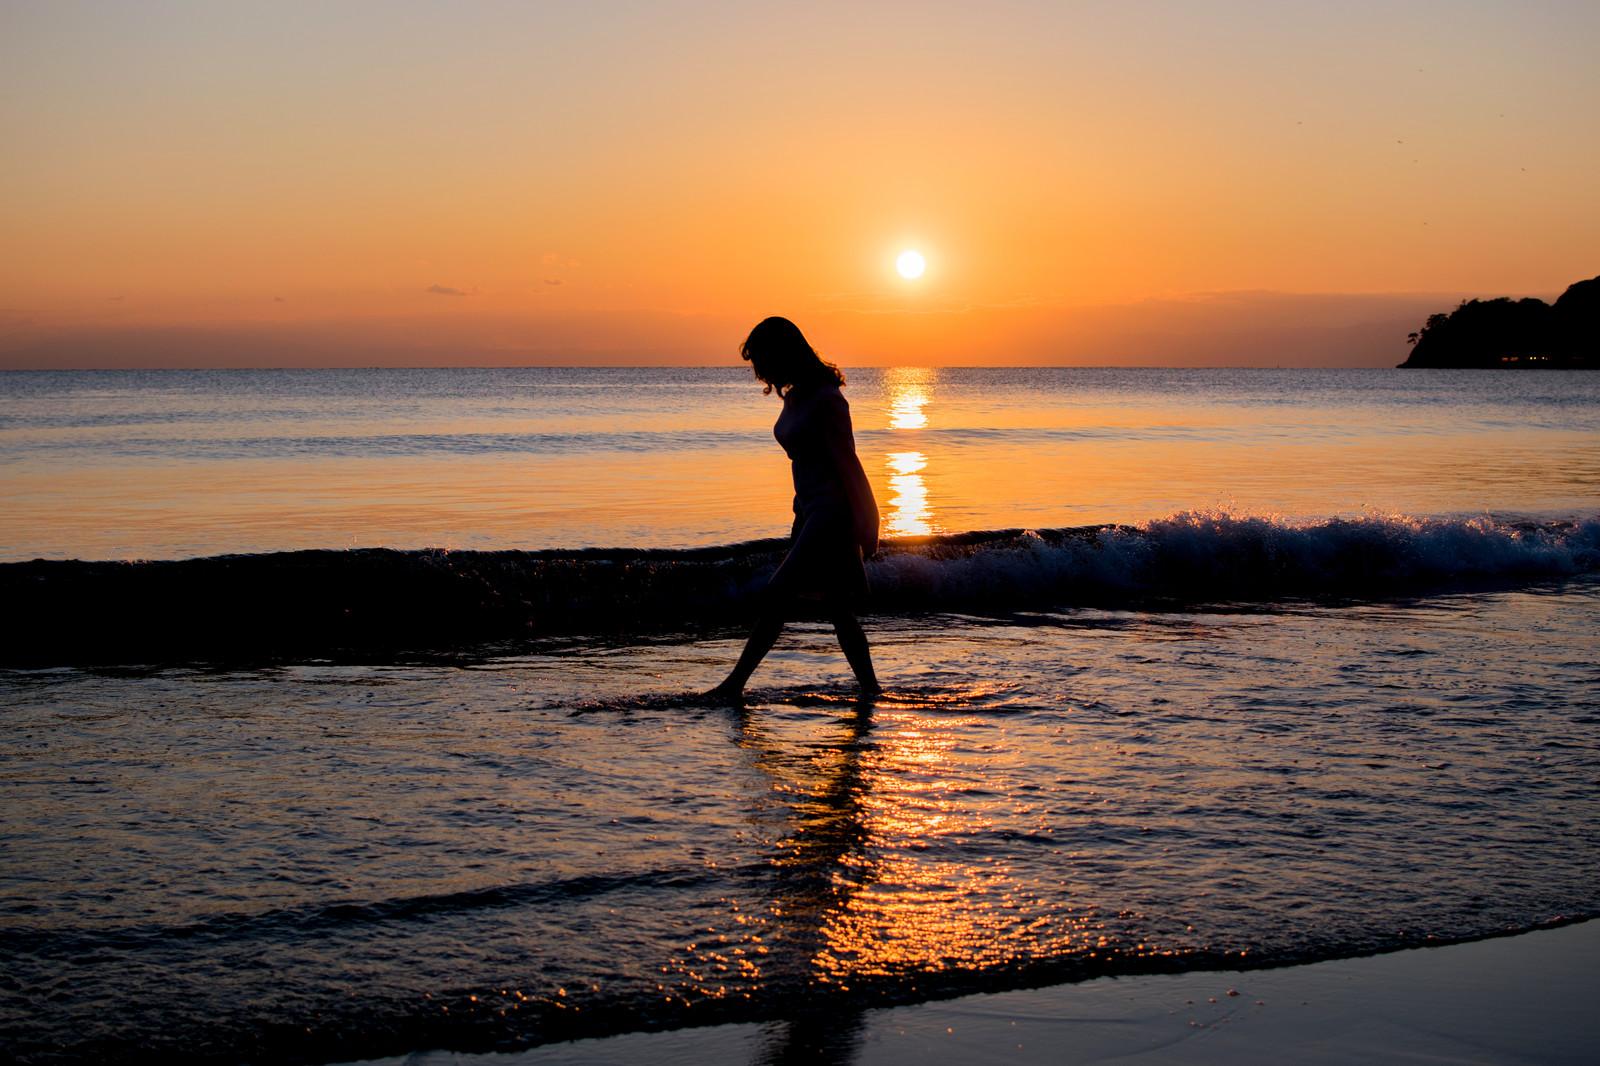 どんな占いをやるか夕焼けの海で悩んでいる女性のシルエットの画像